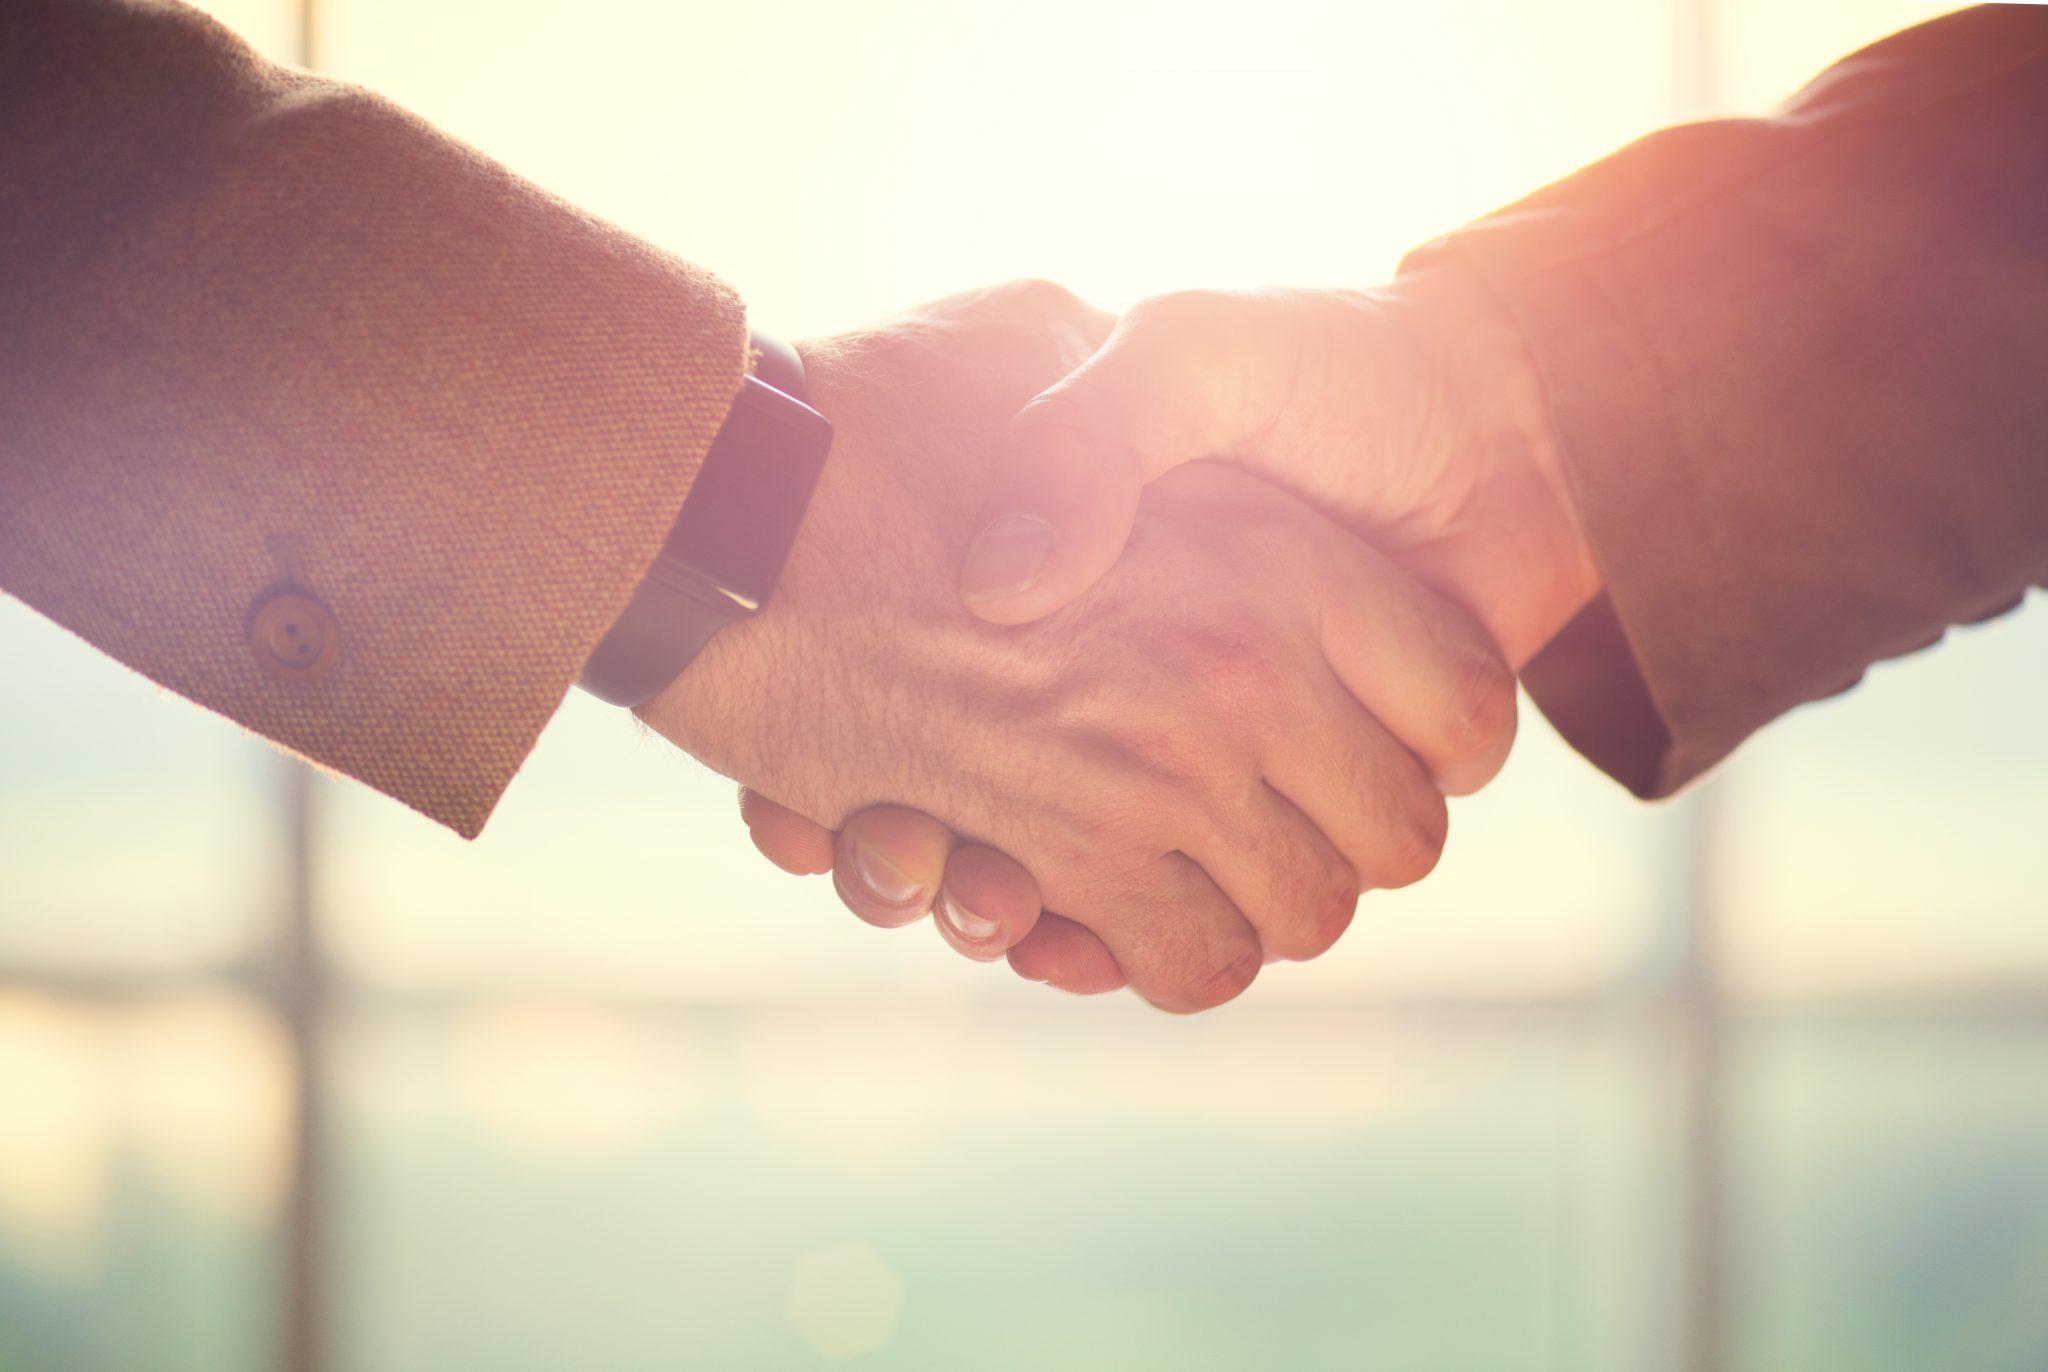 bigstock-Business-handshake-Business-h-126104462